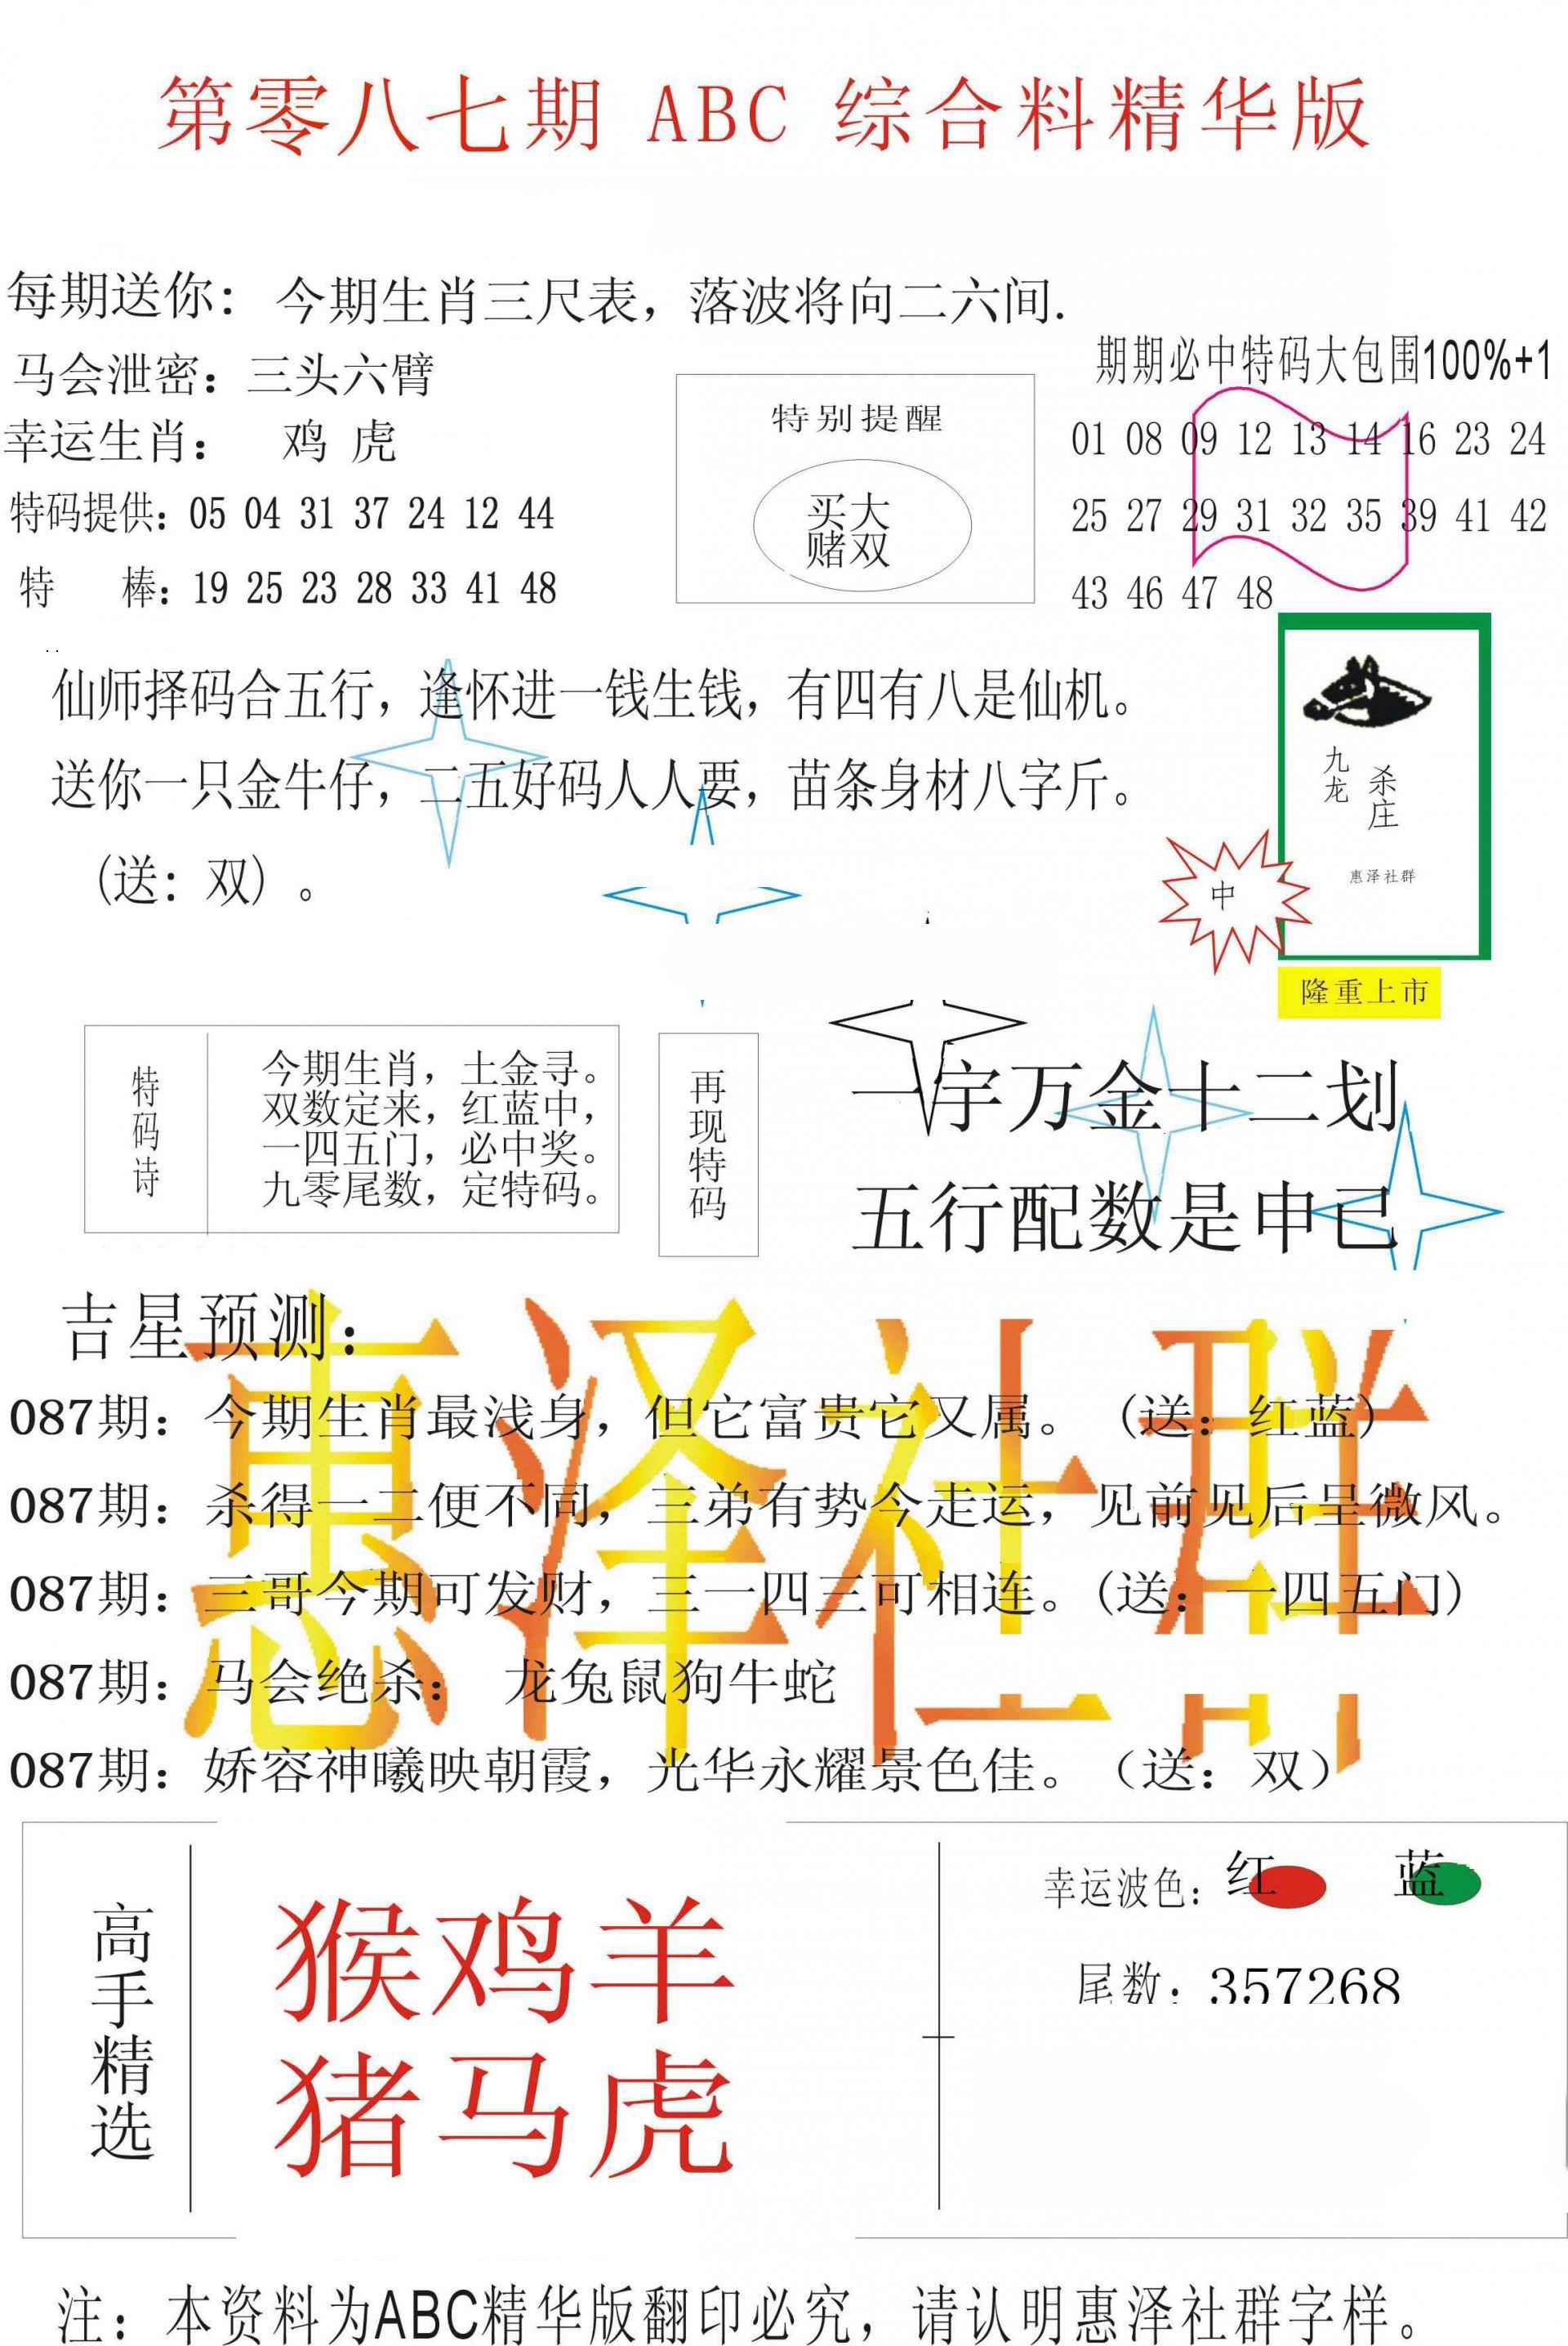 087期ABC综合正版资料